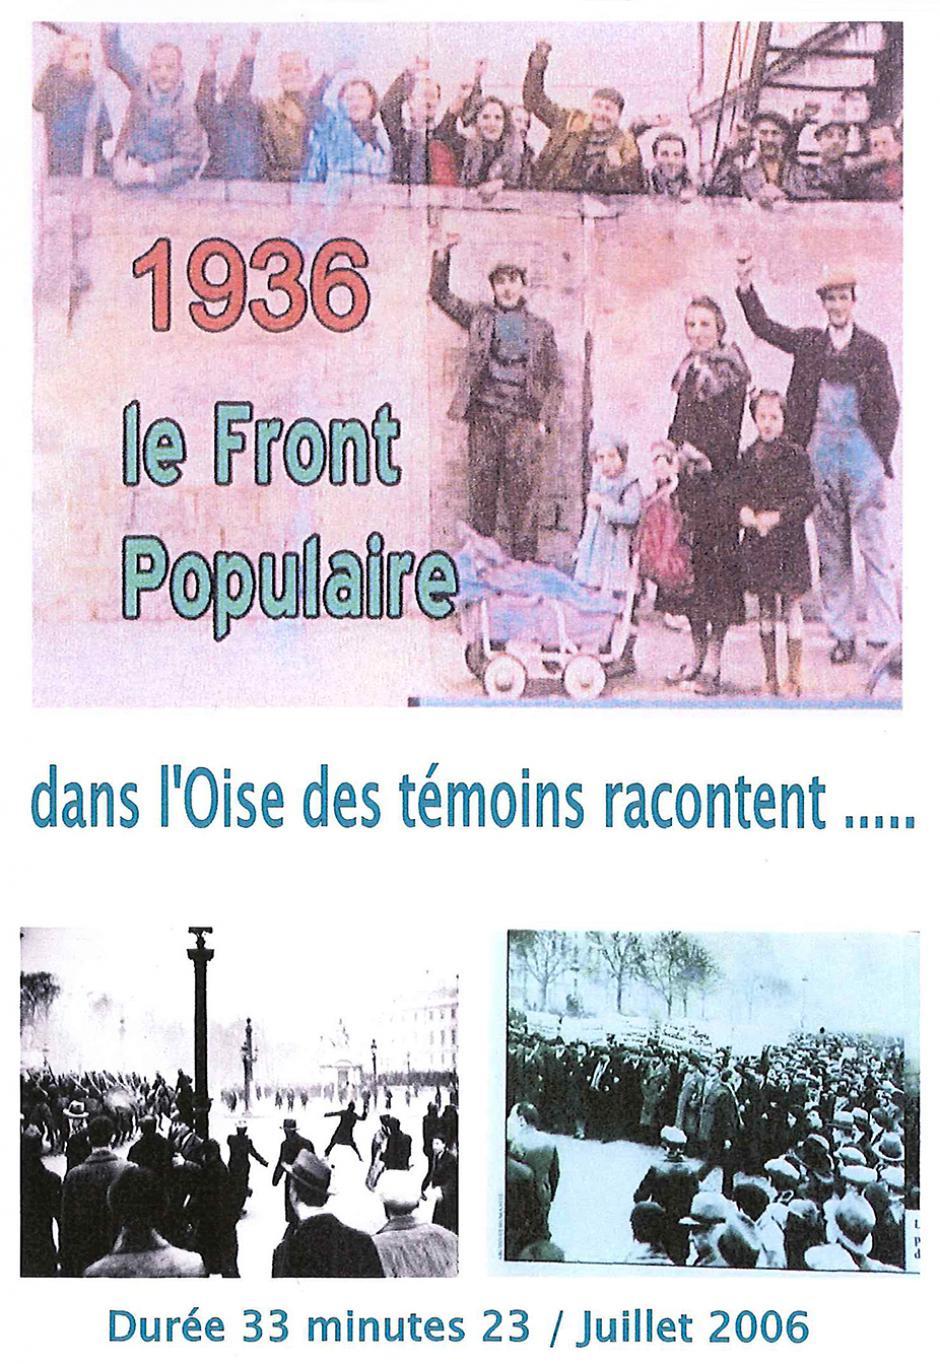 1936, le Front populaire : dans l'Oise, des témoins racontent…